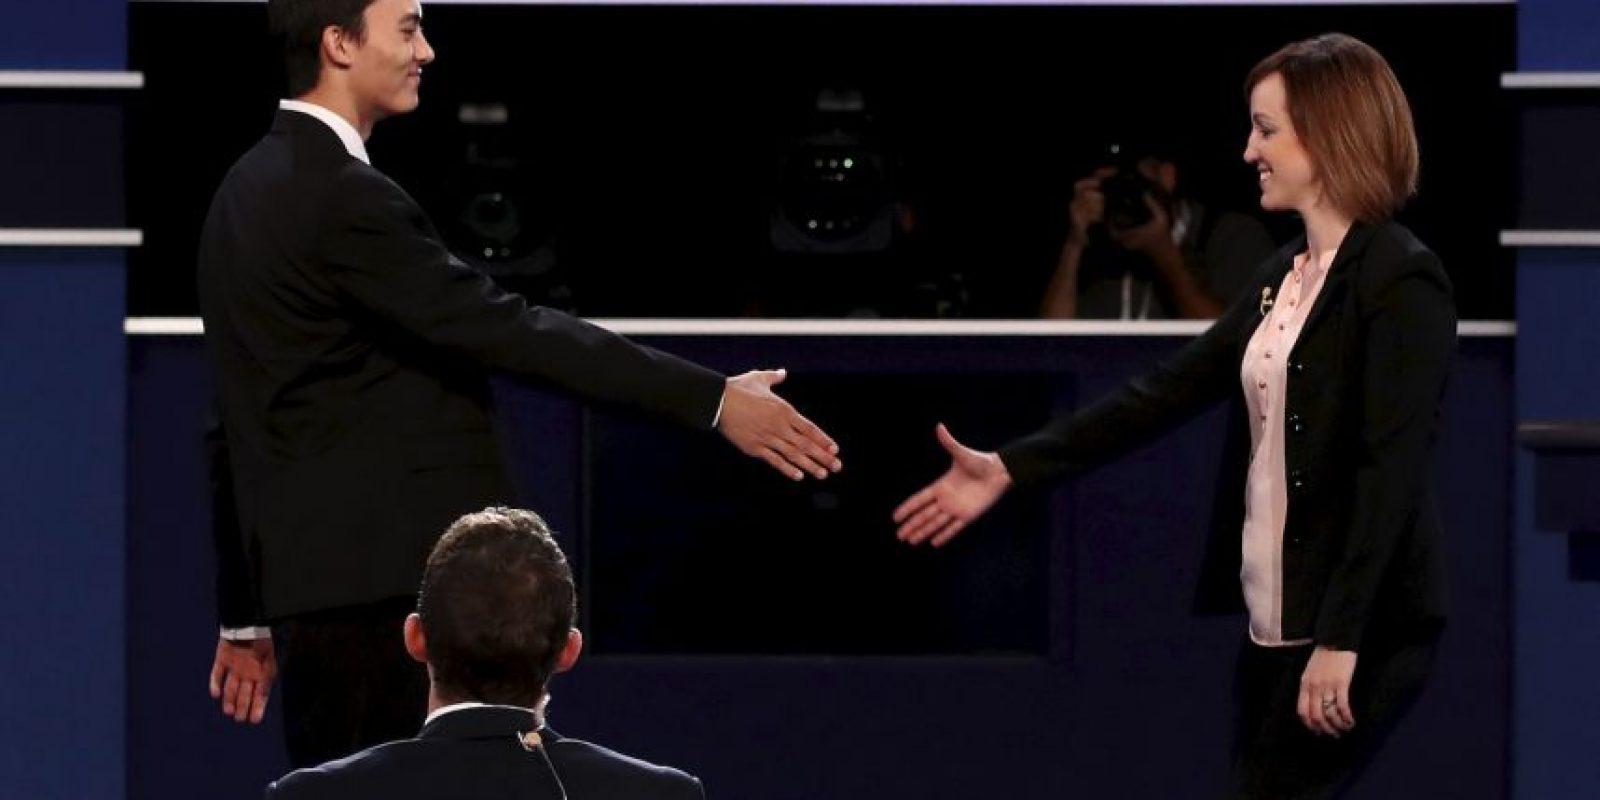 Todo listo para el tercer debate presidencial Foto:Getty Images